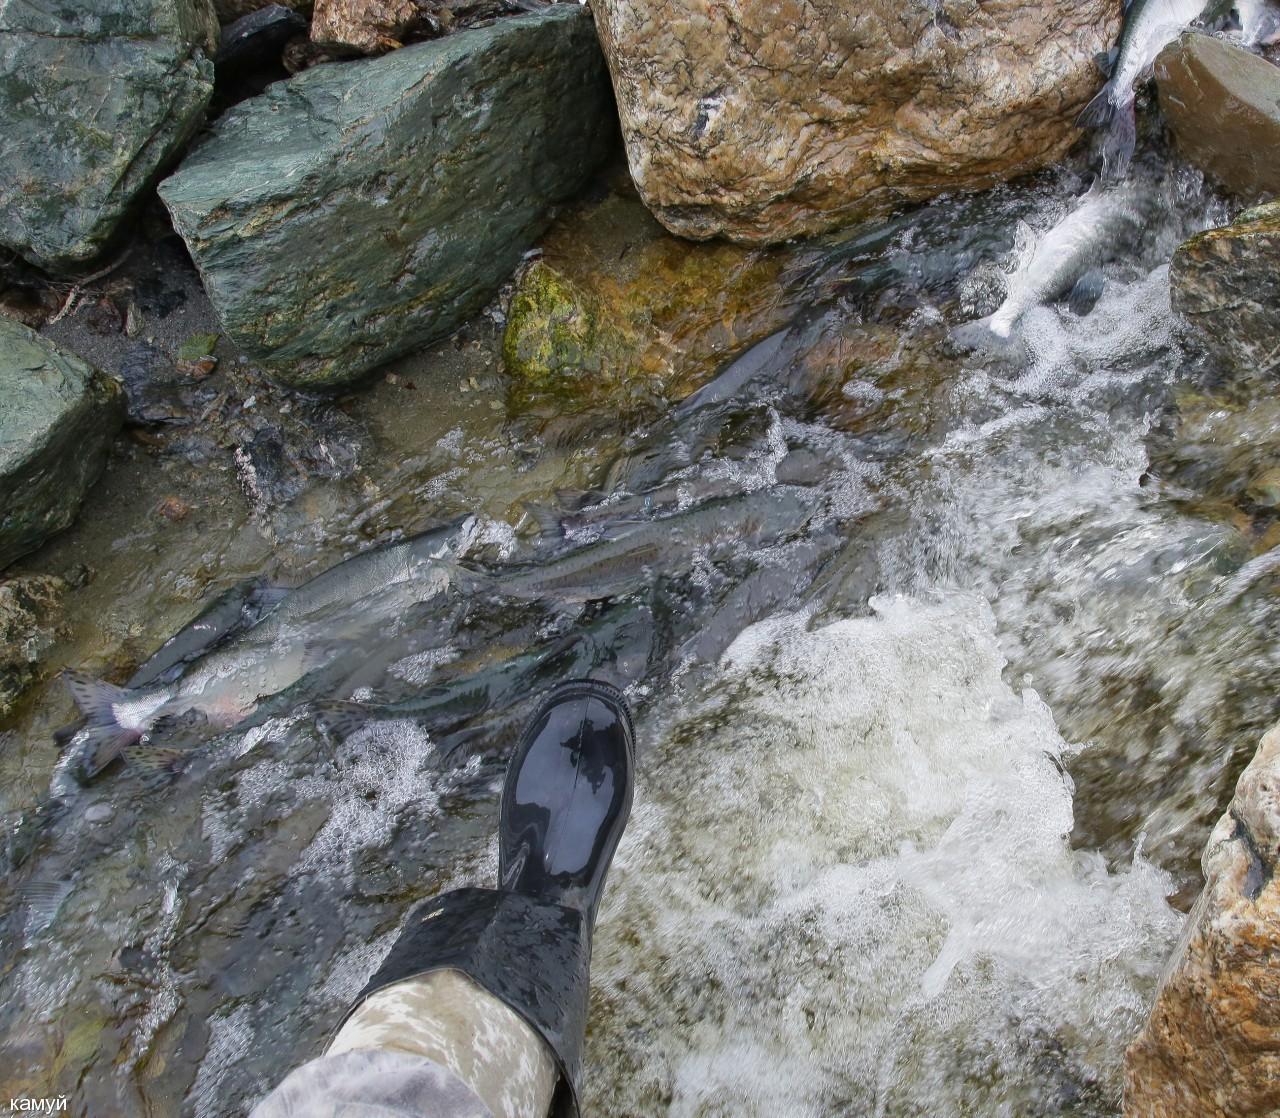 камуй: Через ручей...